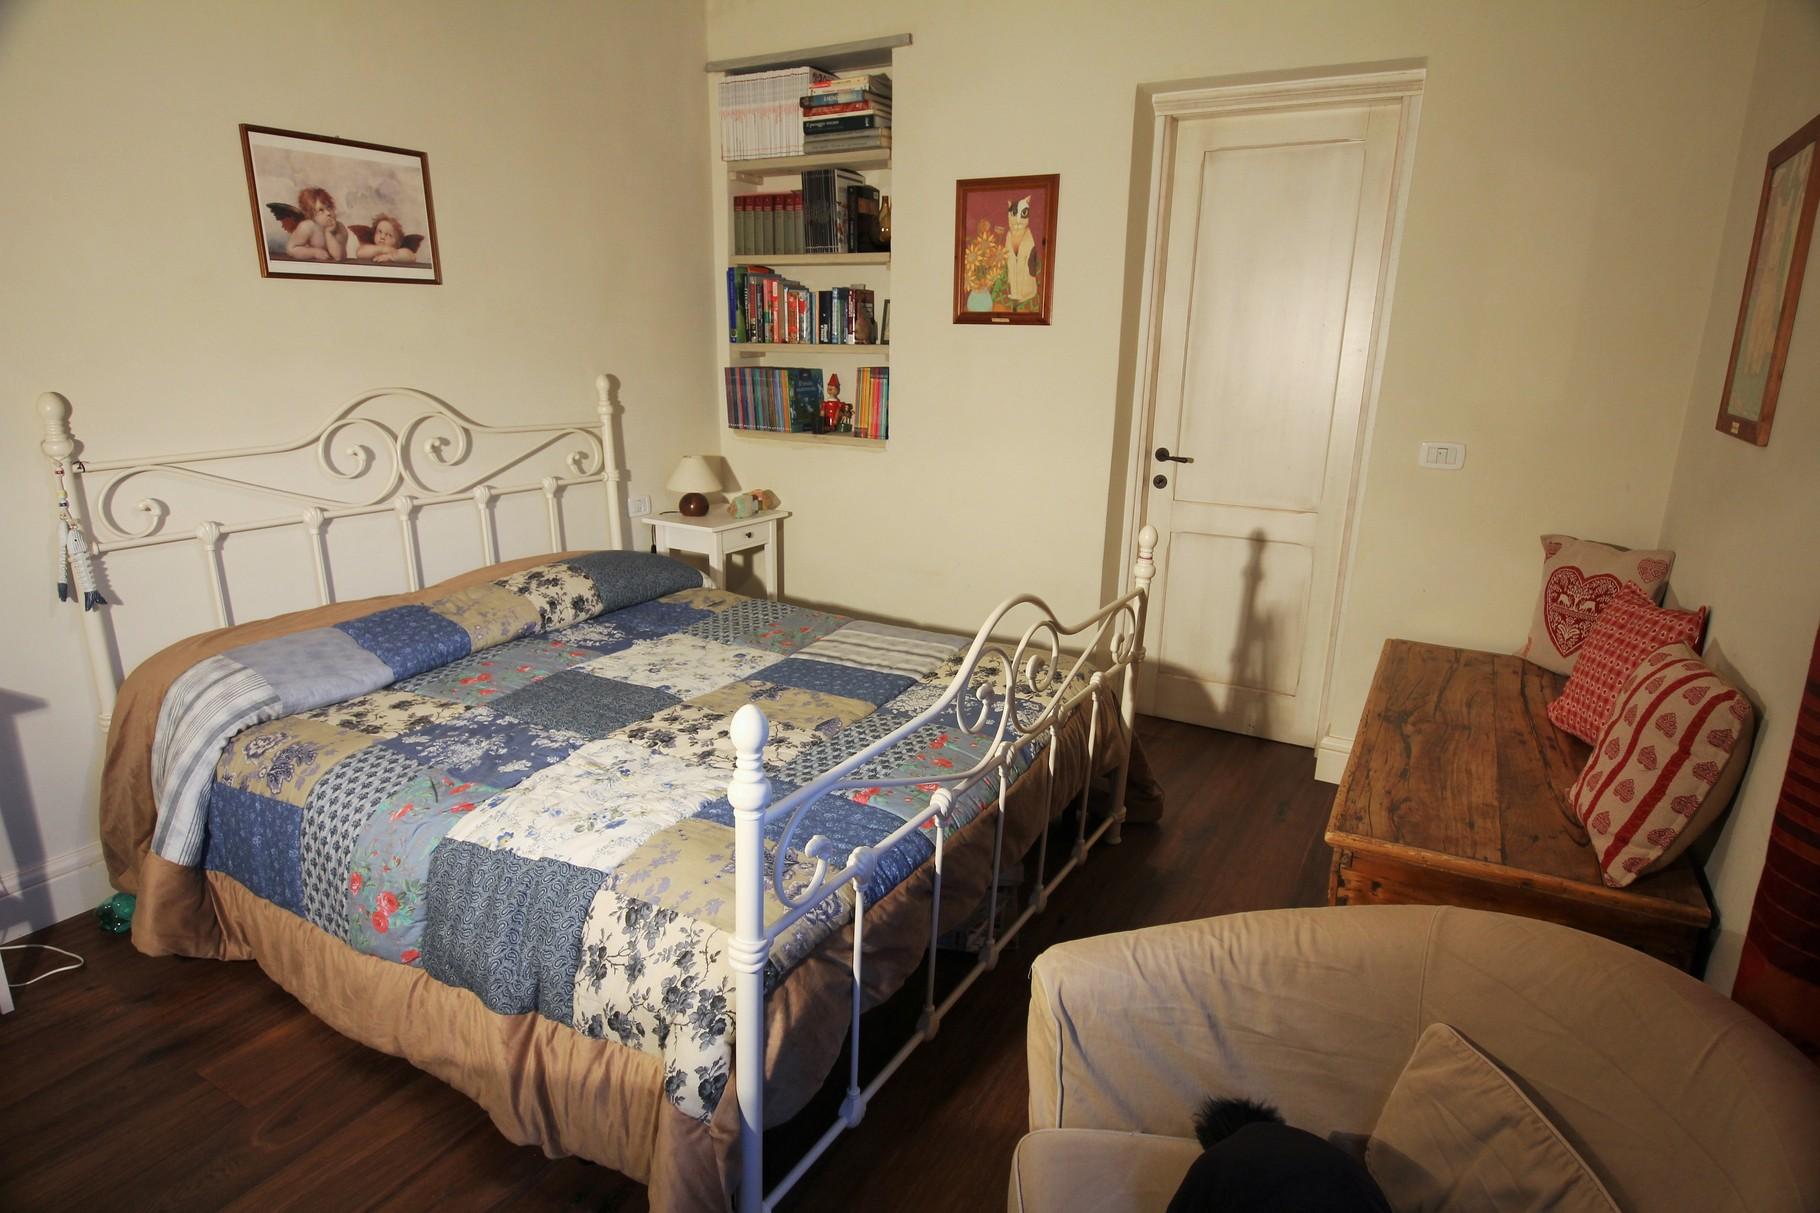 La camera del BB in stile shabby chic